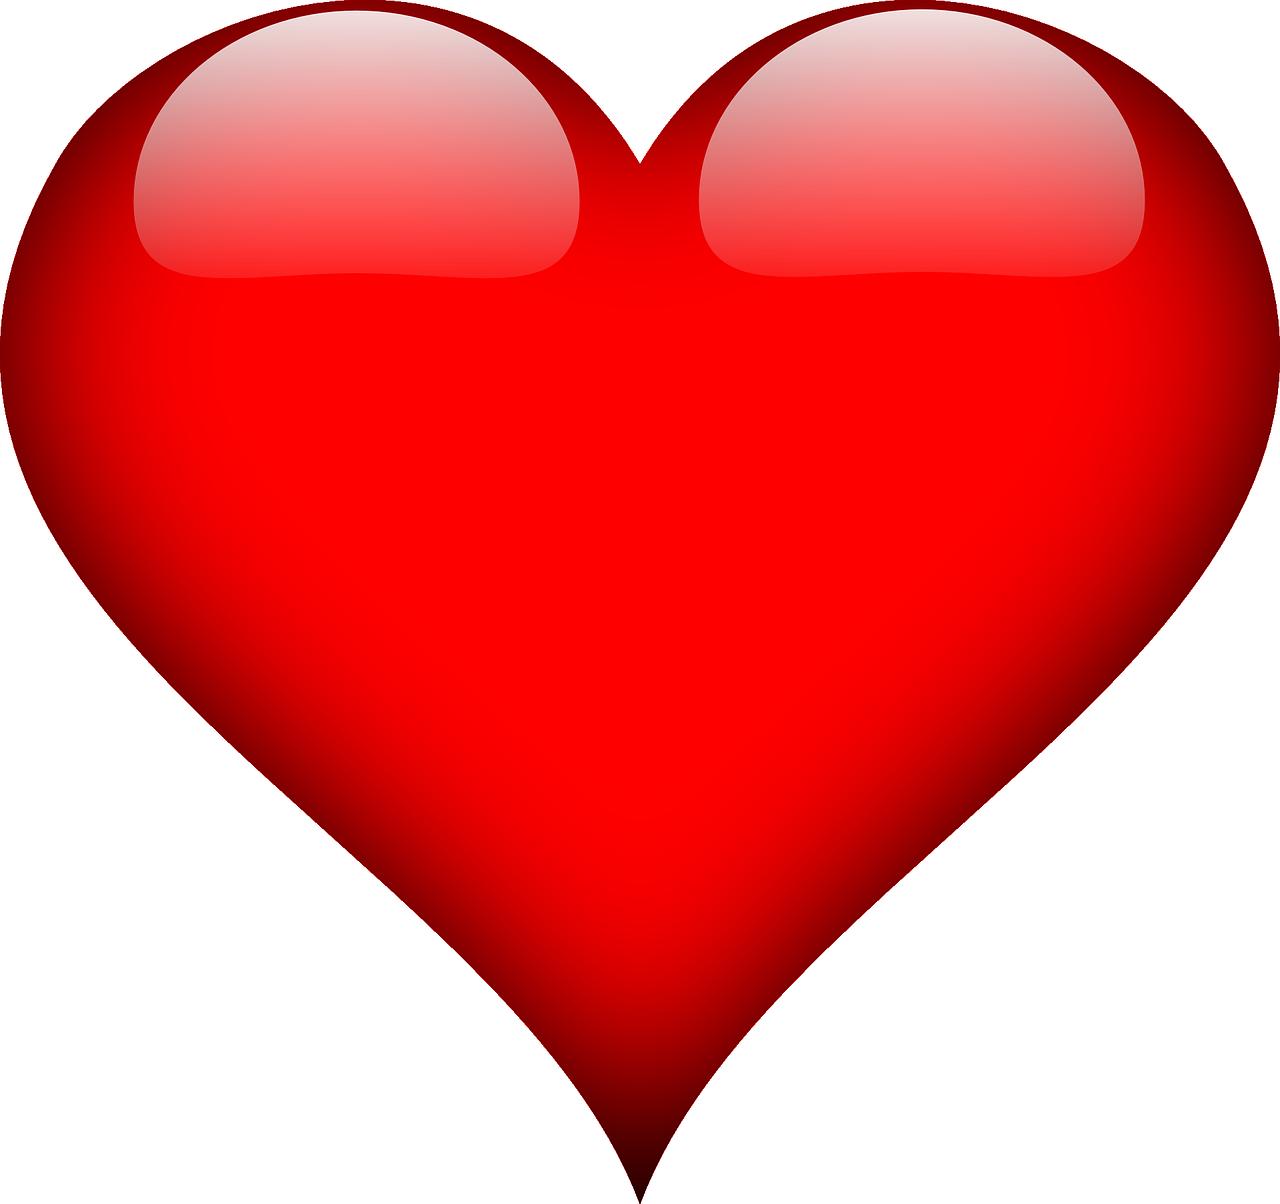 liebe dich - ein Herz für dich